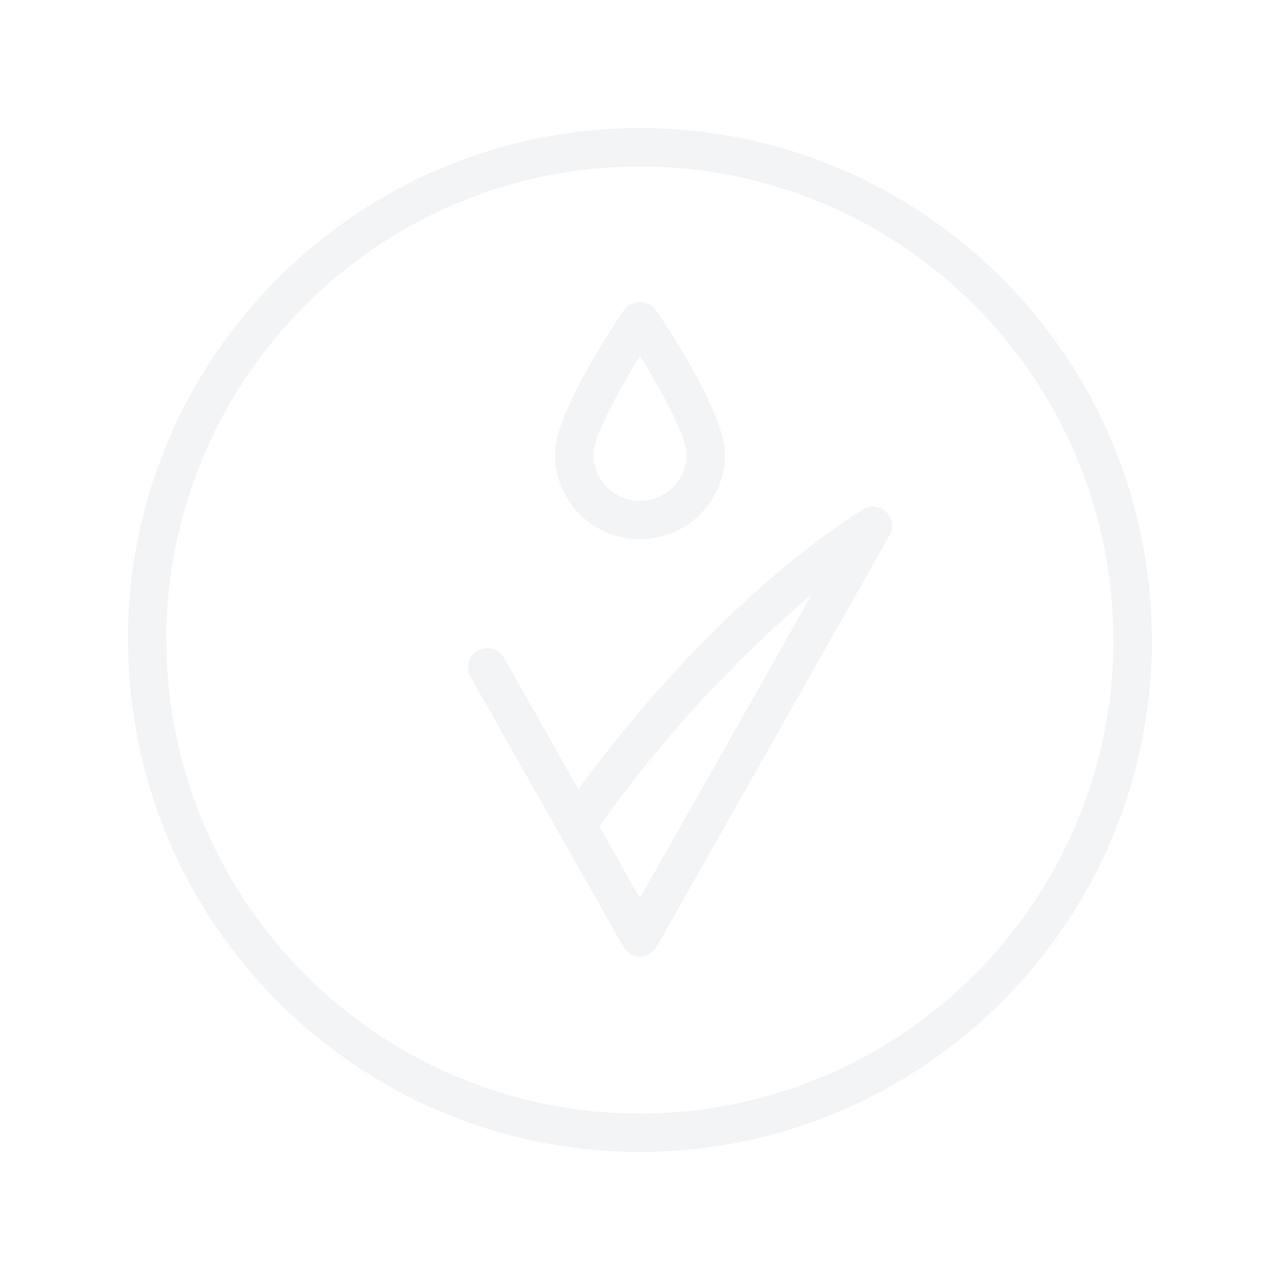 VERSACE Eros Pour Femme 50ml Eau De Toilette Gift Set подарочный набор